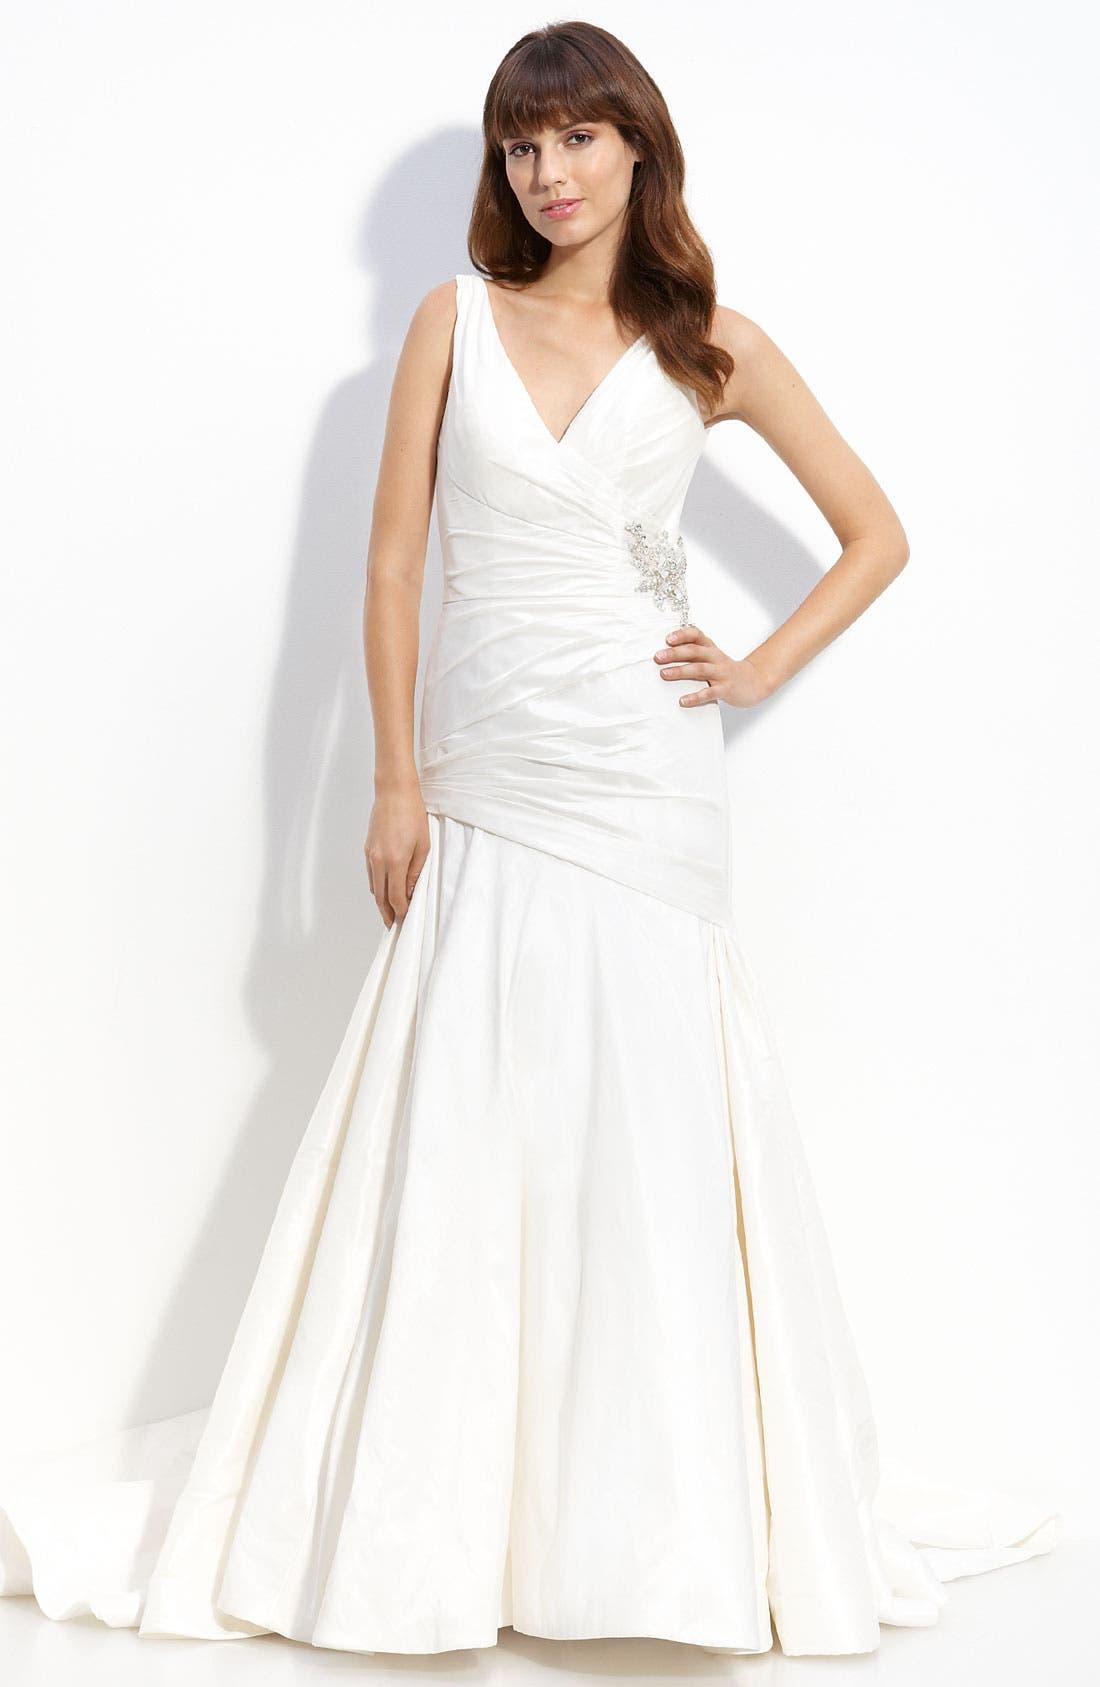 Alternate Image 1 Selected - Carmen Marc Valvo 'Chelsea' Taffeta Gown